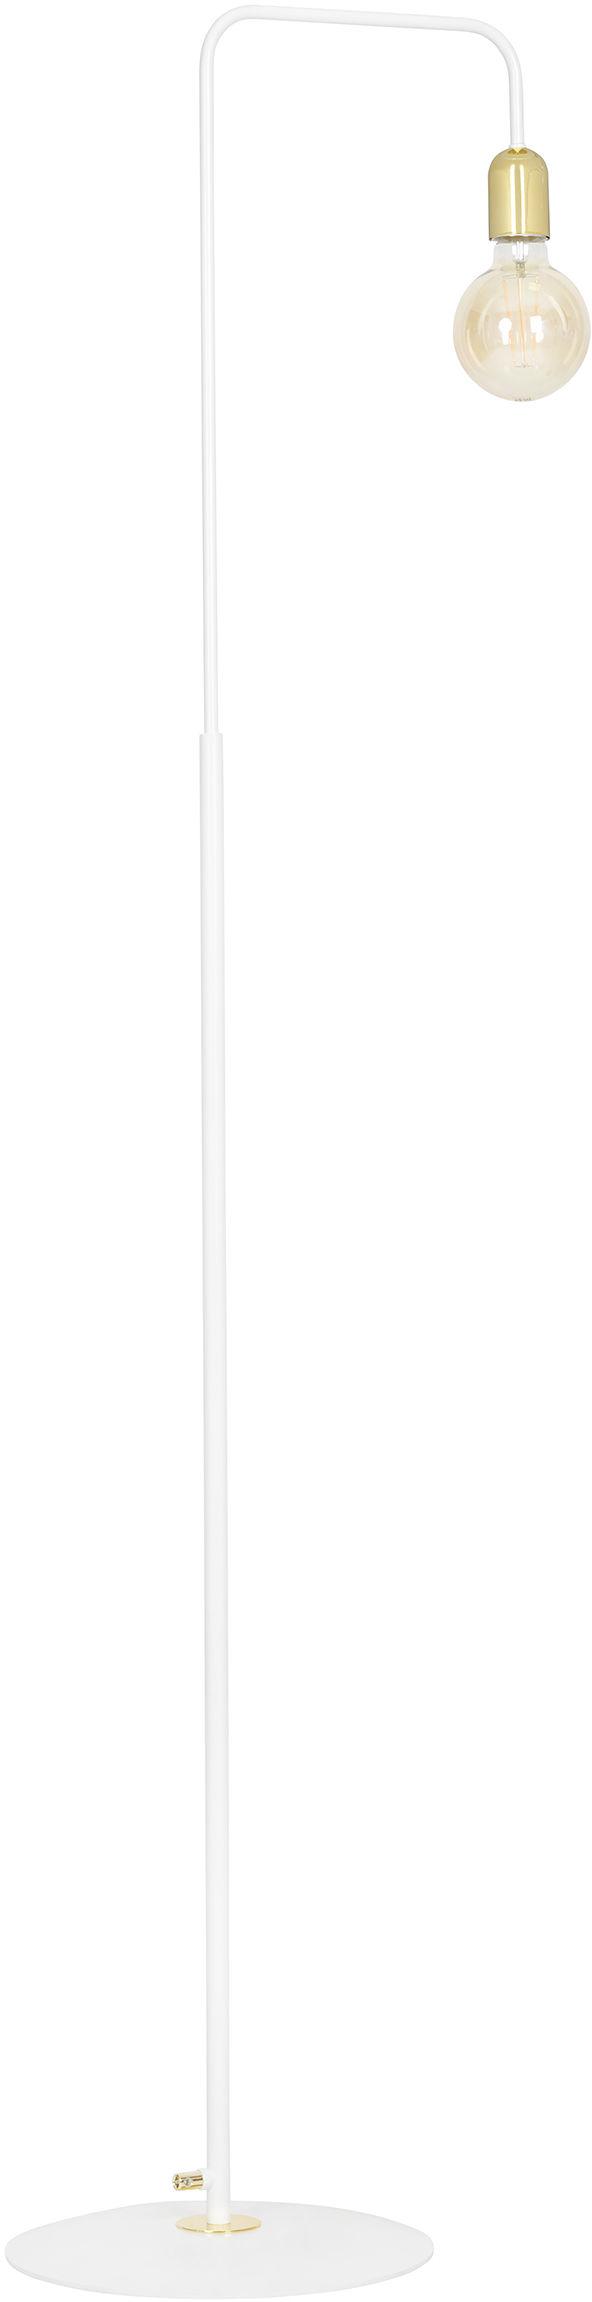 Emibig SAVO LP1 WHITE 354/LP1 lampa podłogowa loftowa biało złota metalowa 1x60W E27 150cm